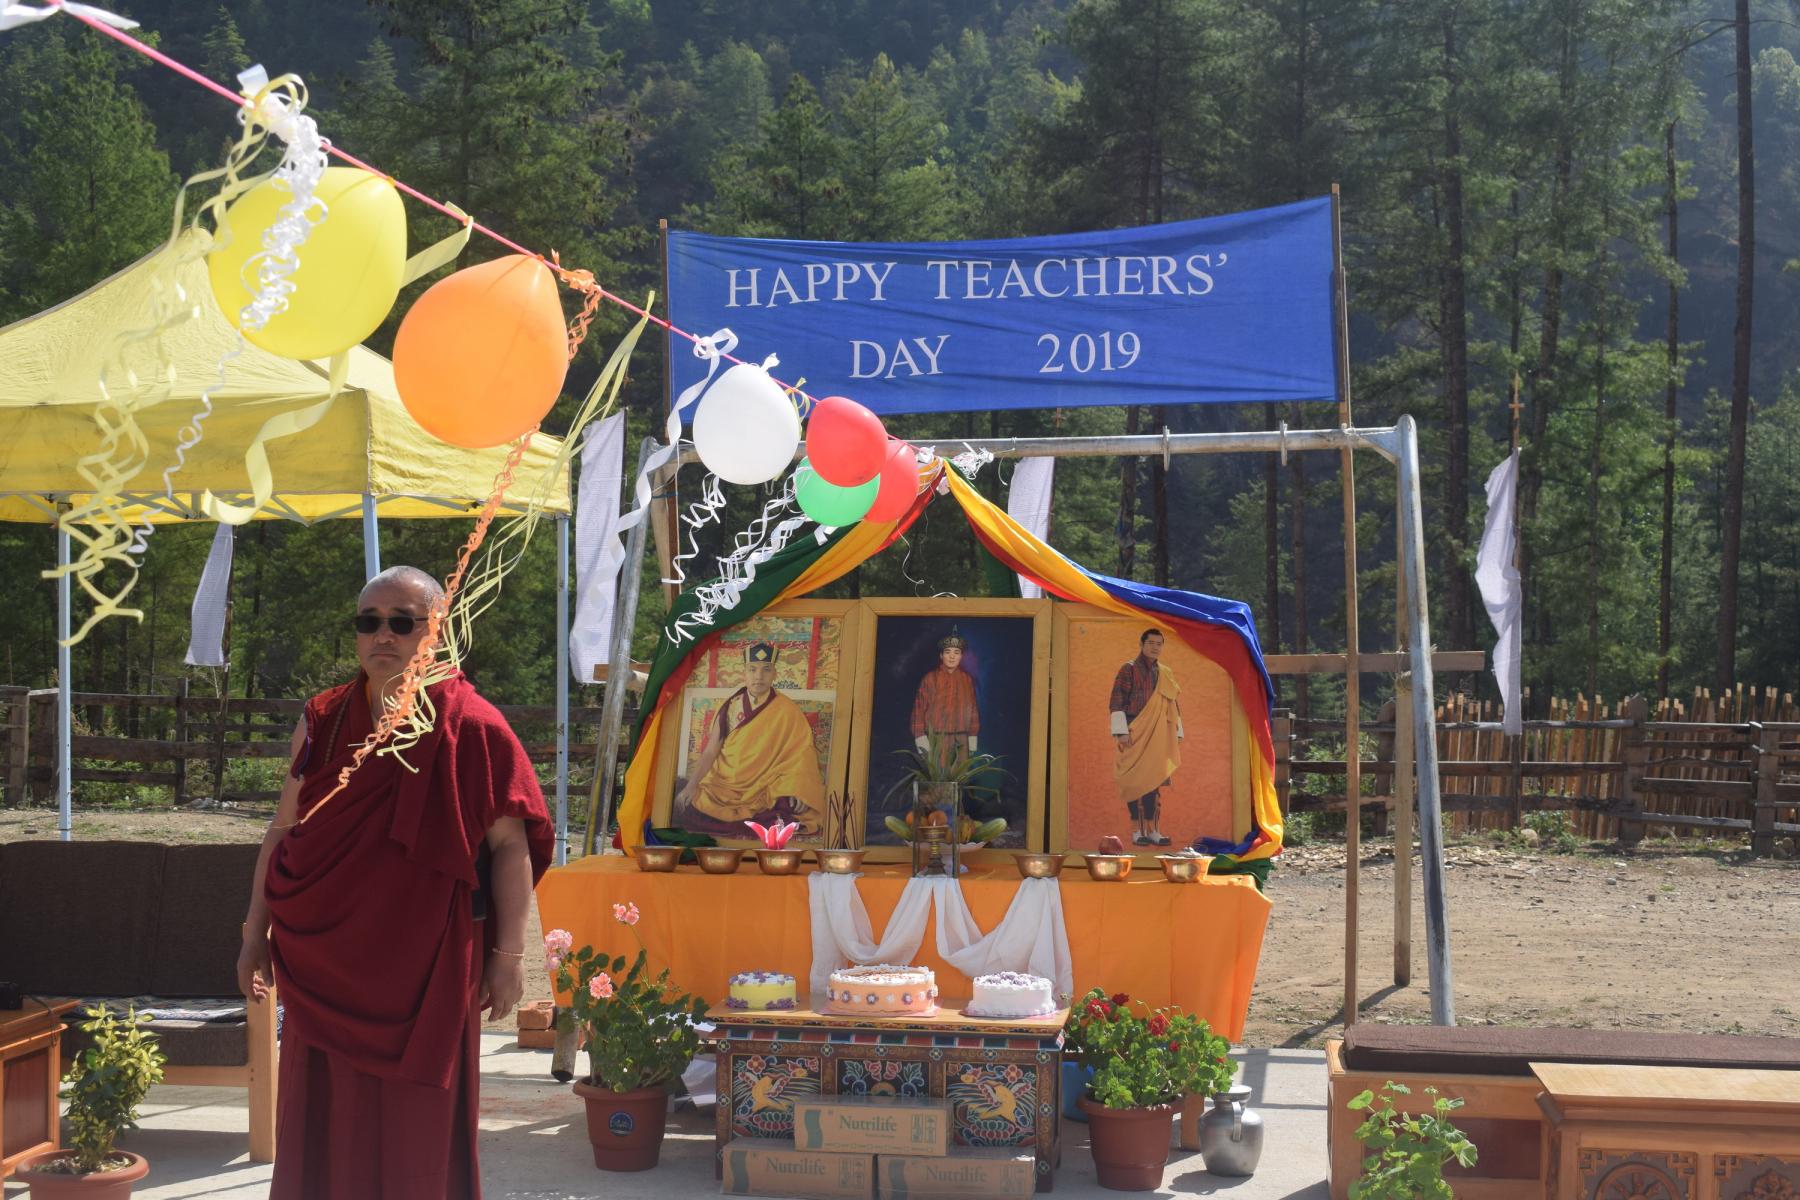 Happy-Teachers-Day_009